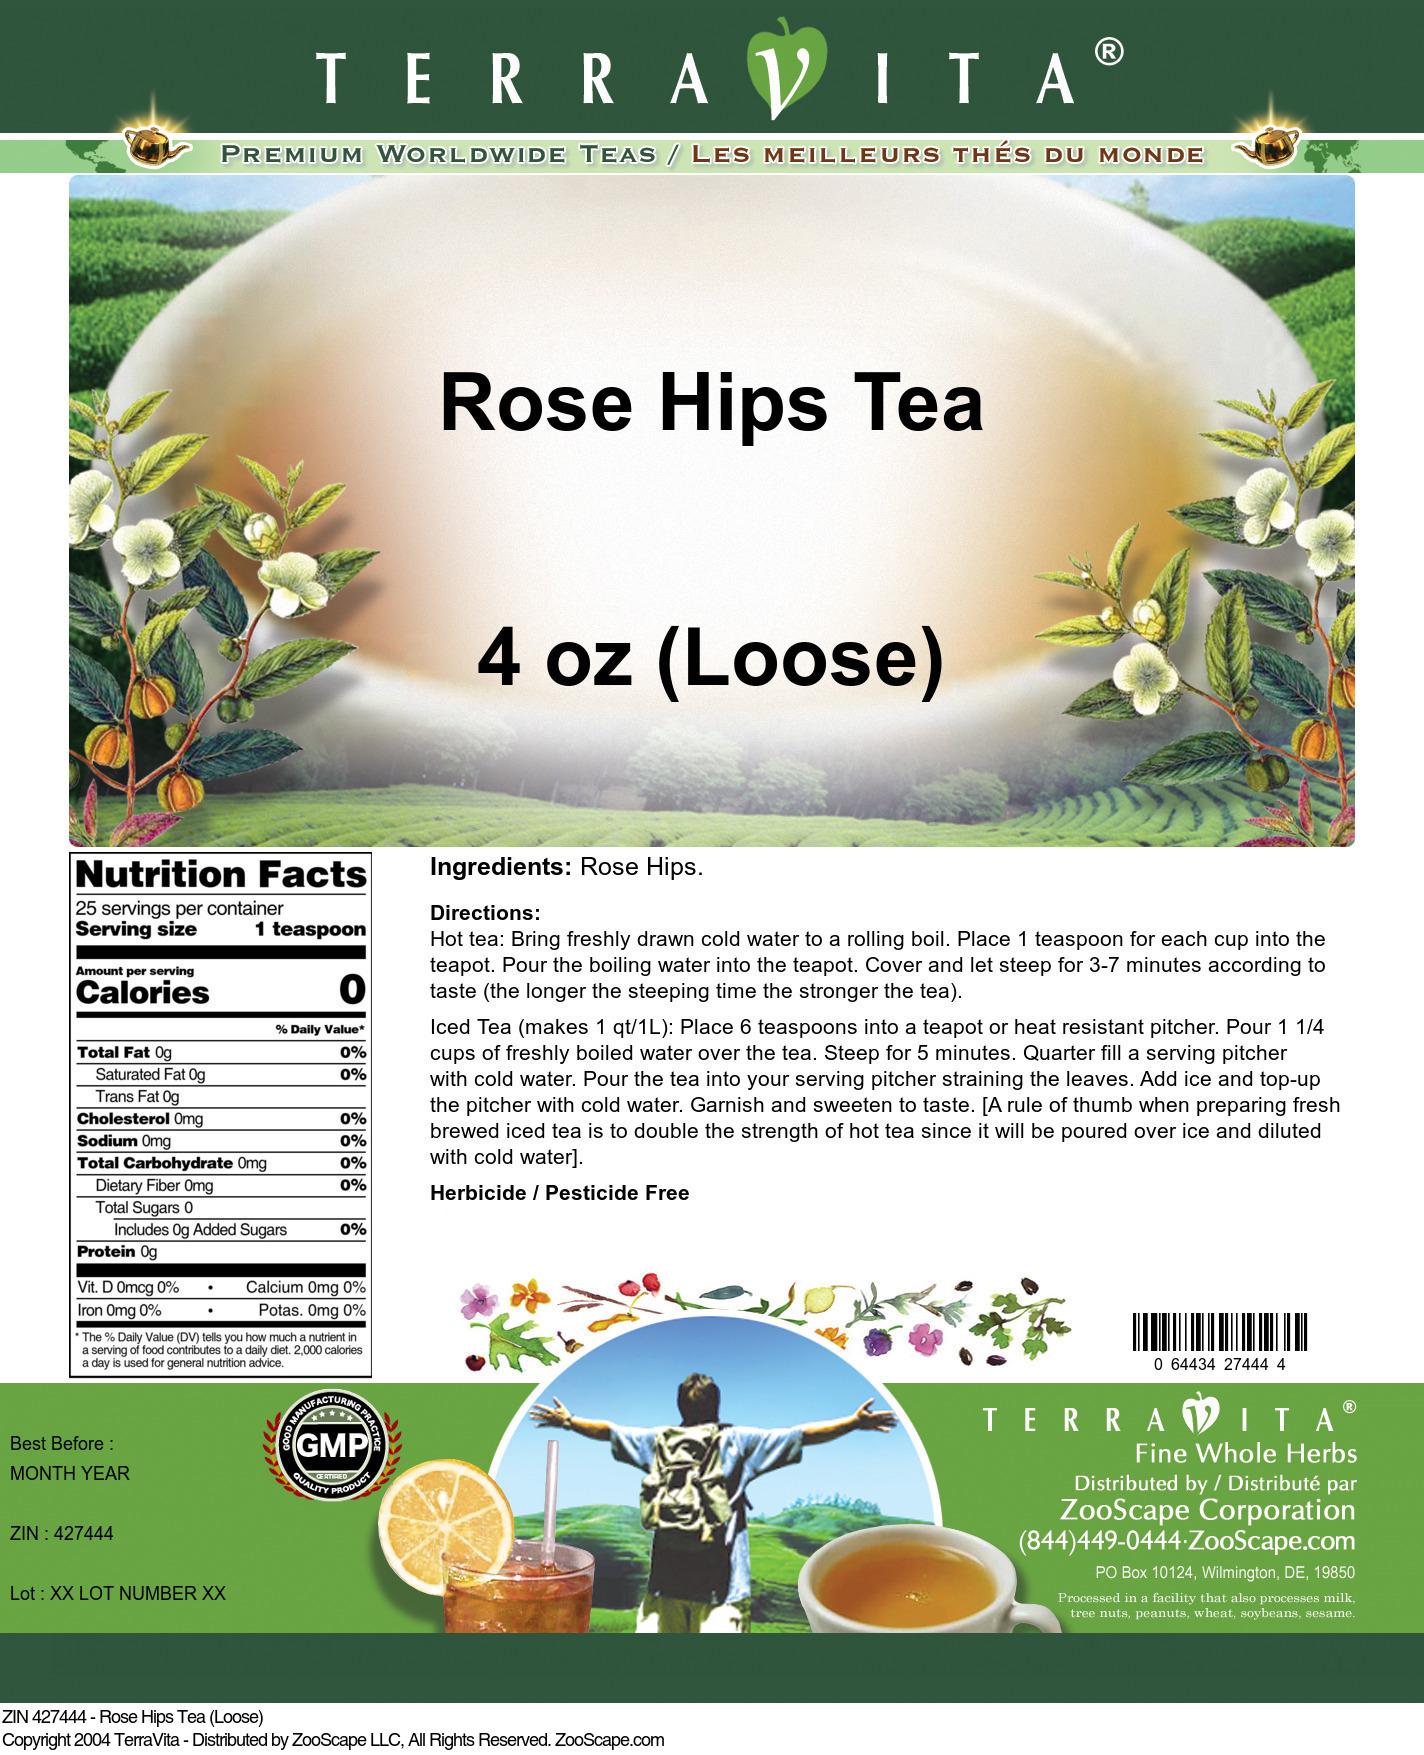 Rose Hips Tea (Loose) - Label